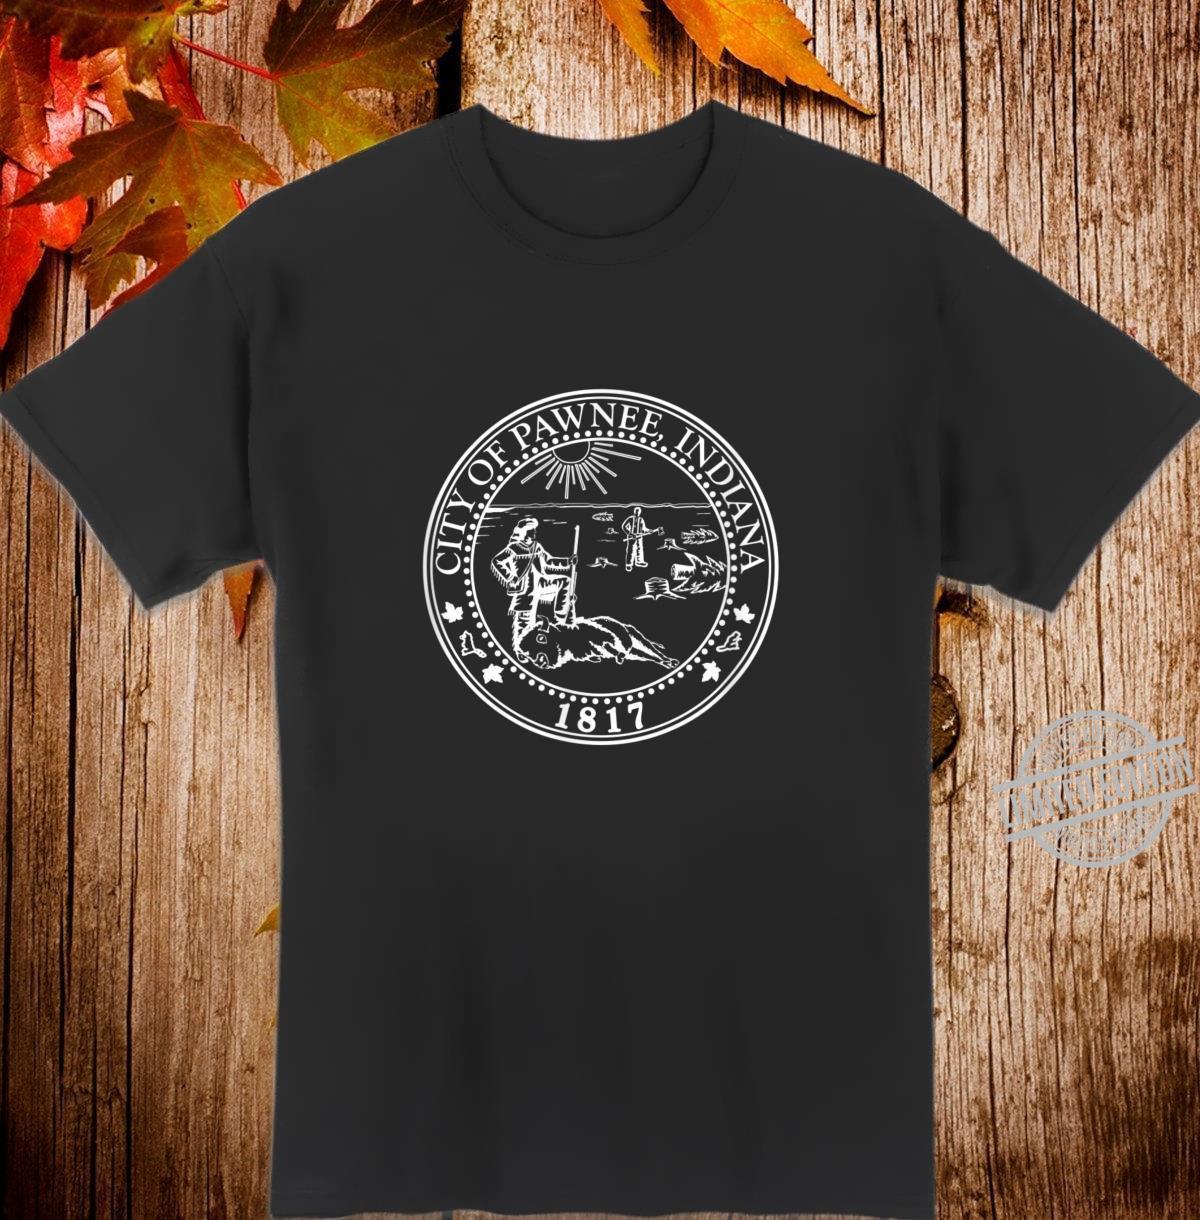 Parks & Recreation Stadt von Pawnee Shirt